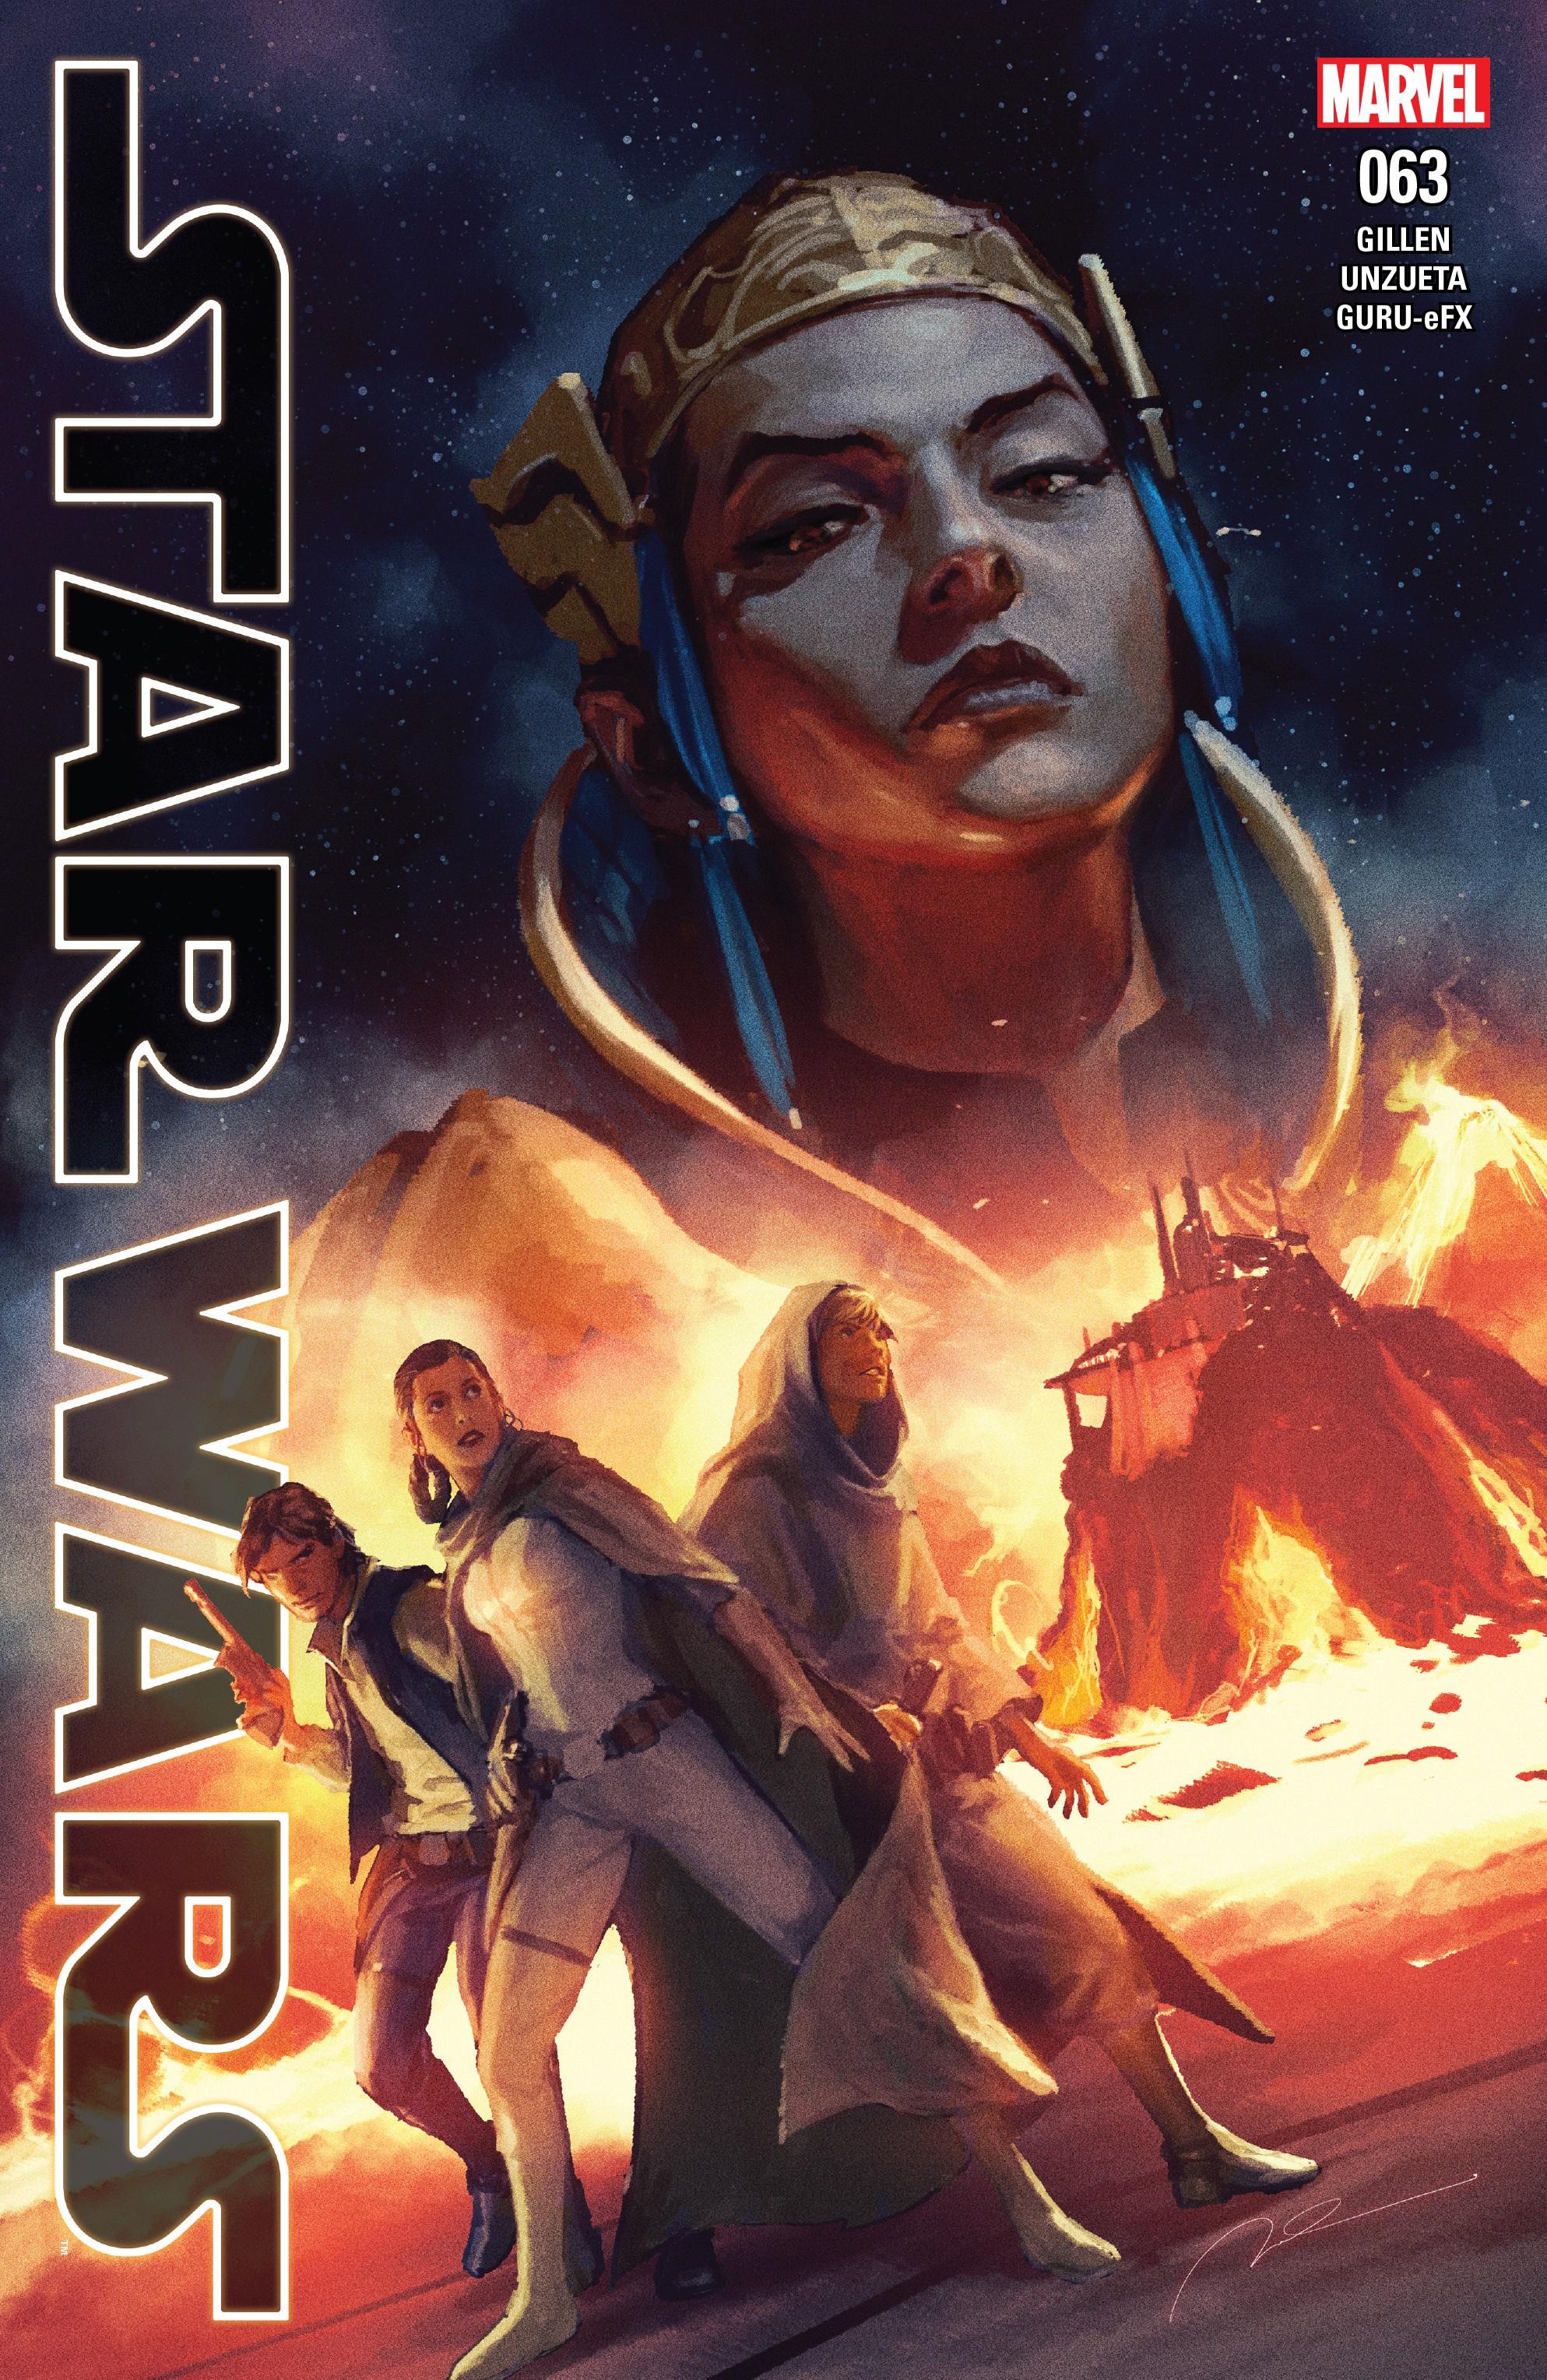 Звёздные войны 63: Кара Шу-Торуна, часть 2